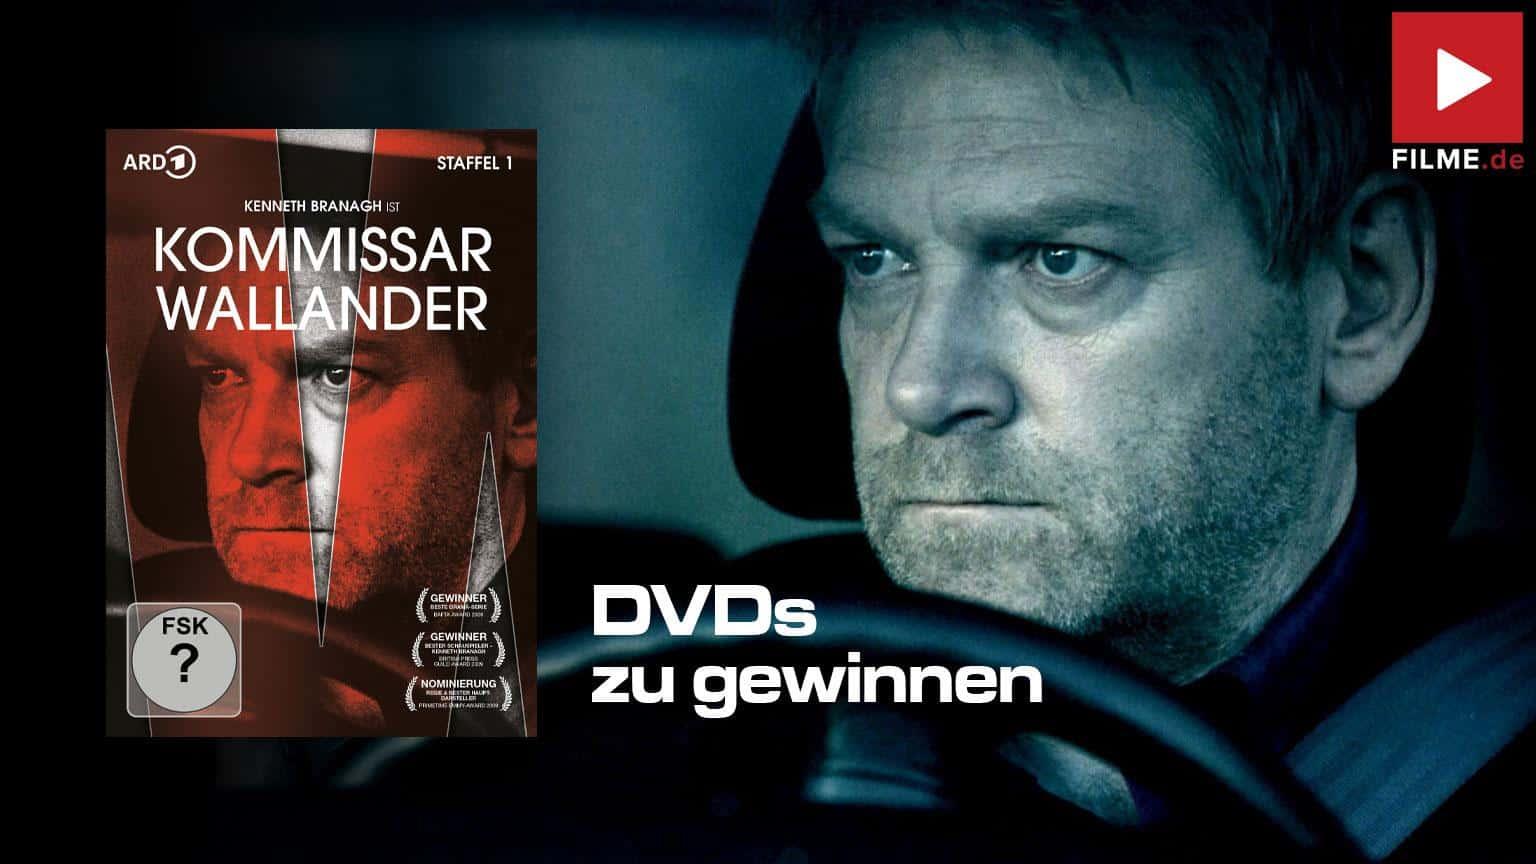 Kommissar Wallander Staffel 1 Gewinnspiel gewinnen Blu-ray DVD shop kaufen Artikelbild